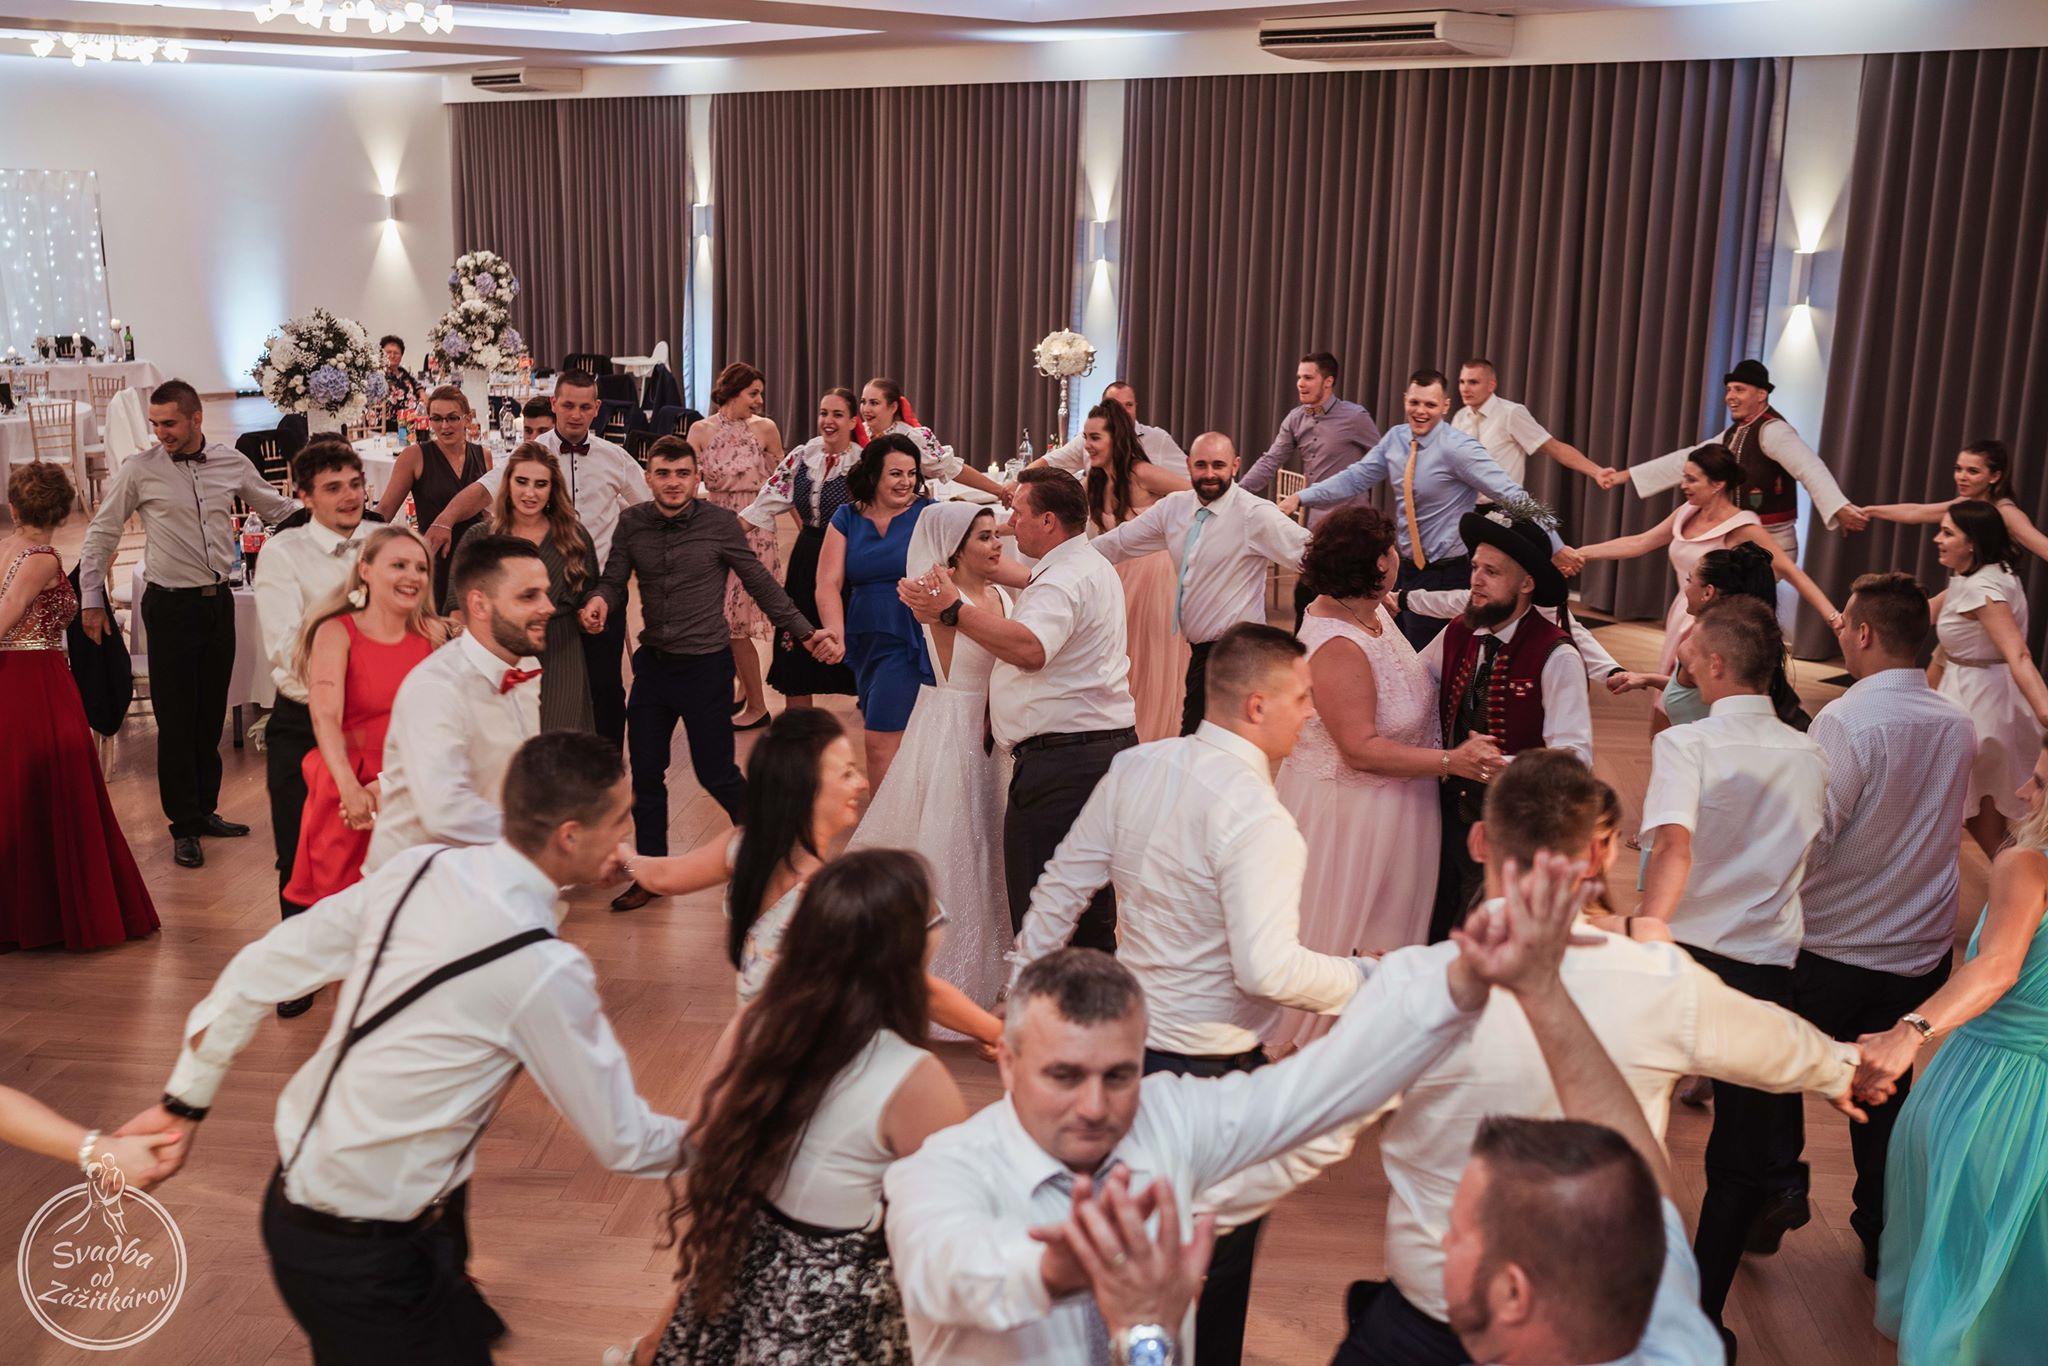 zabava-na-svadbe-kinekus-zilina-dj-moderator-starejsijpg